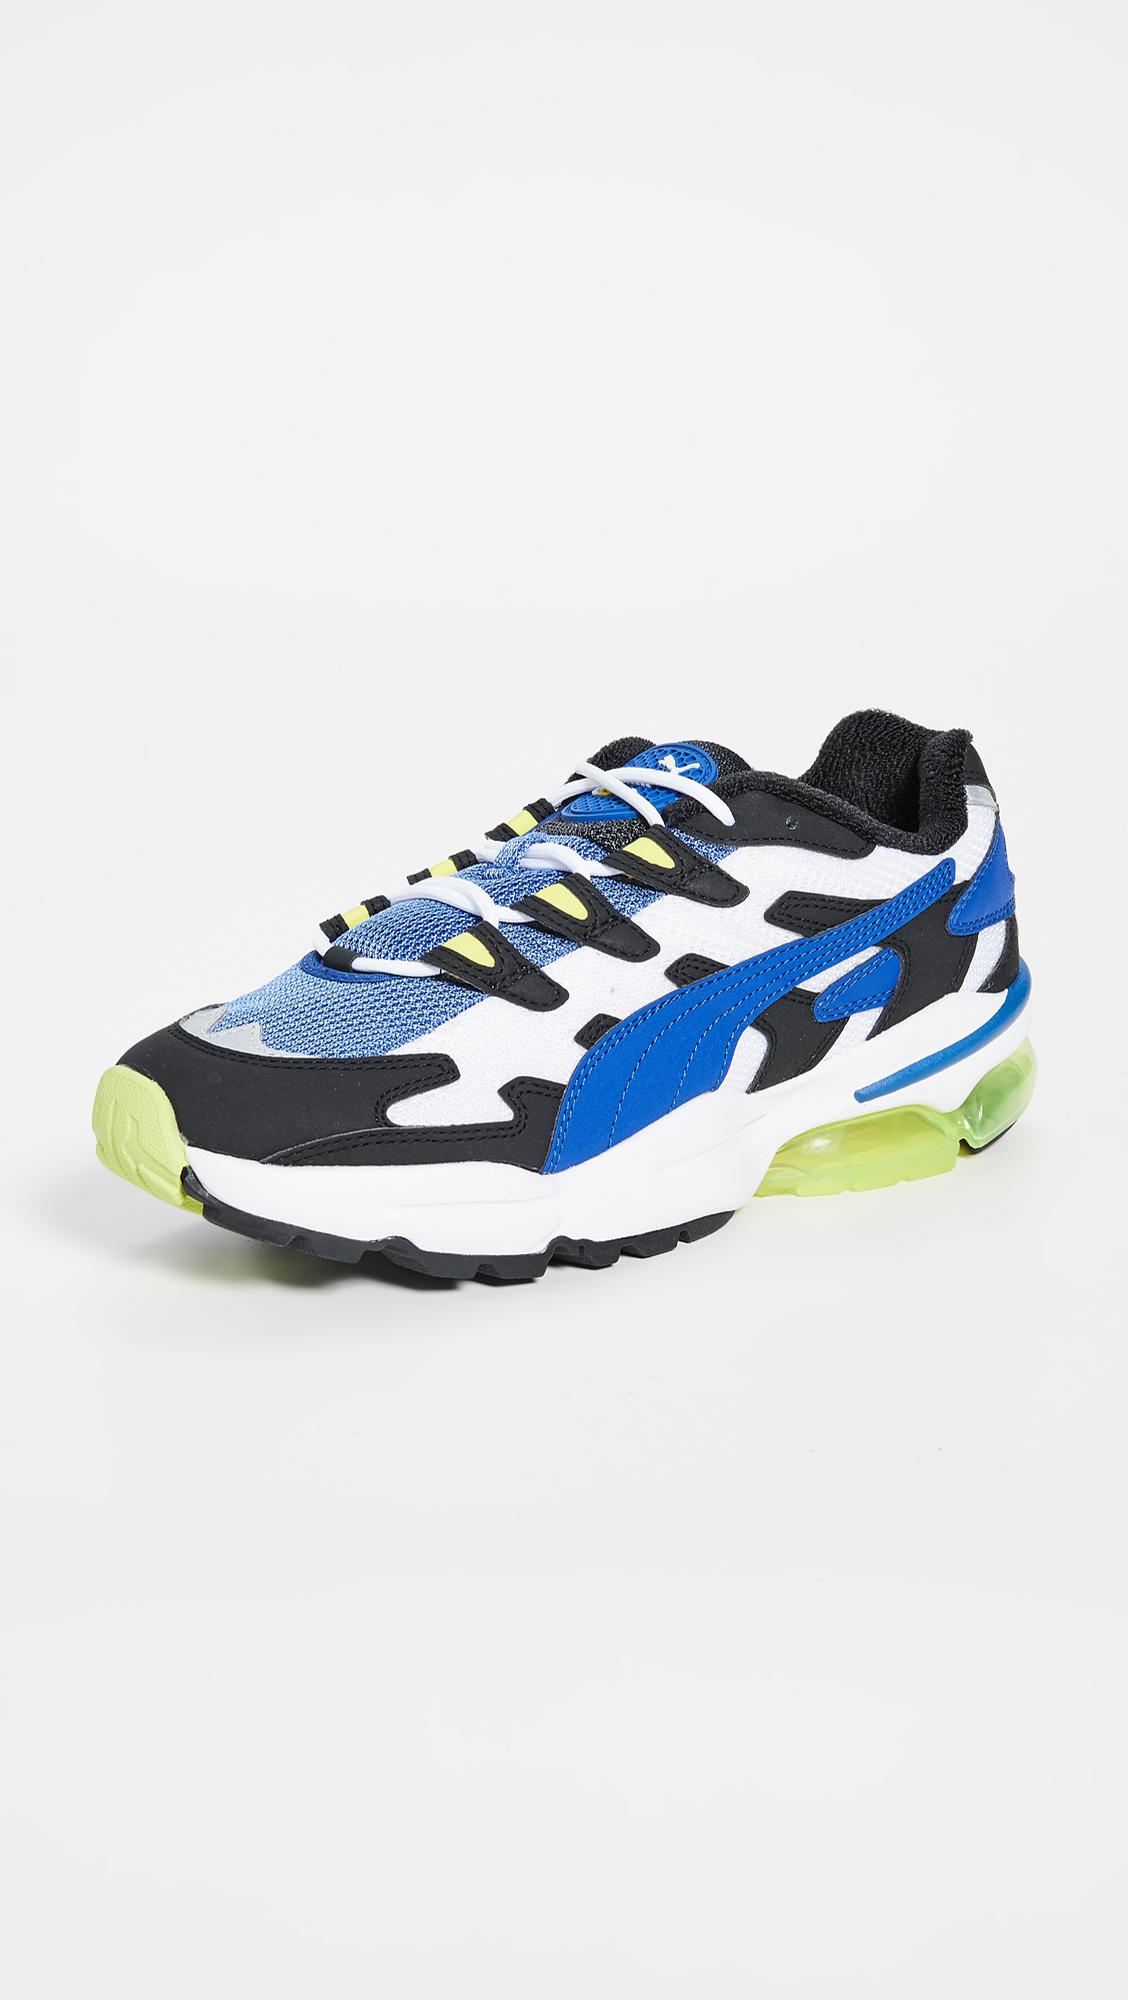 f81ba90032 PUMA Select Cell Alien OG Sneakers | EAST DANE